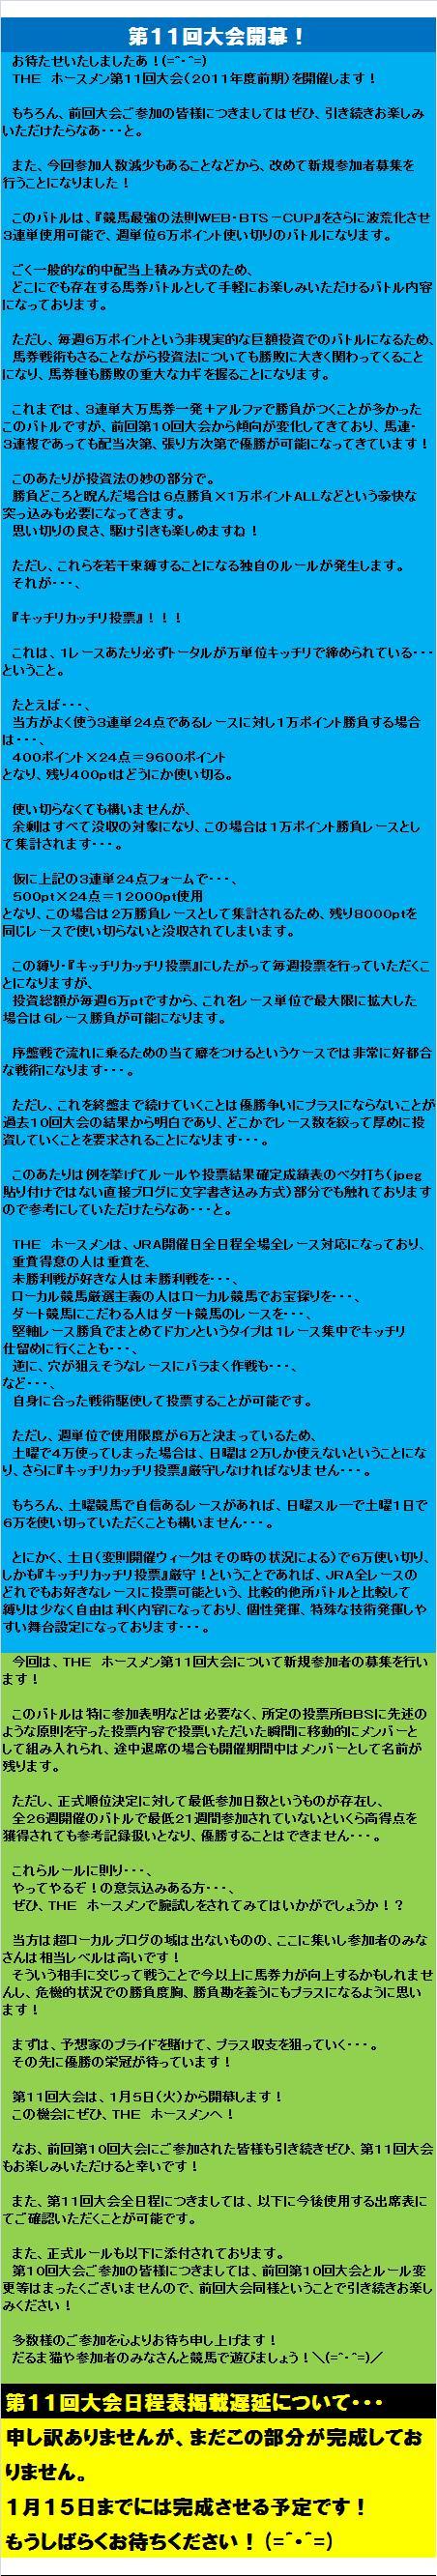 20110104・ホースメン参加者募集告知②.jpg